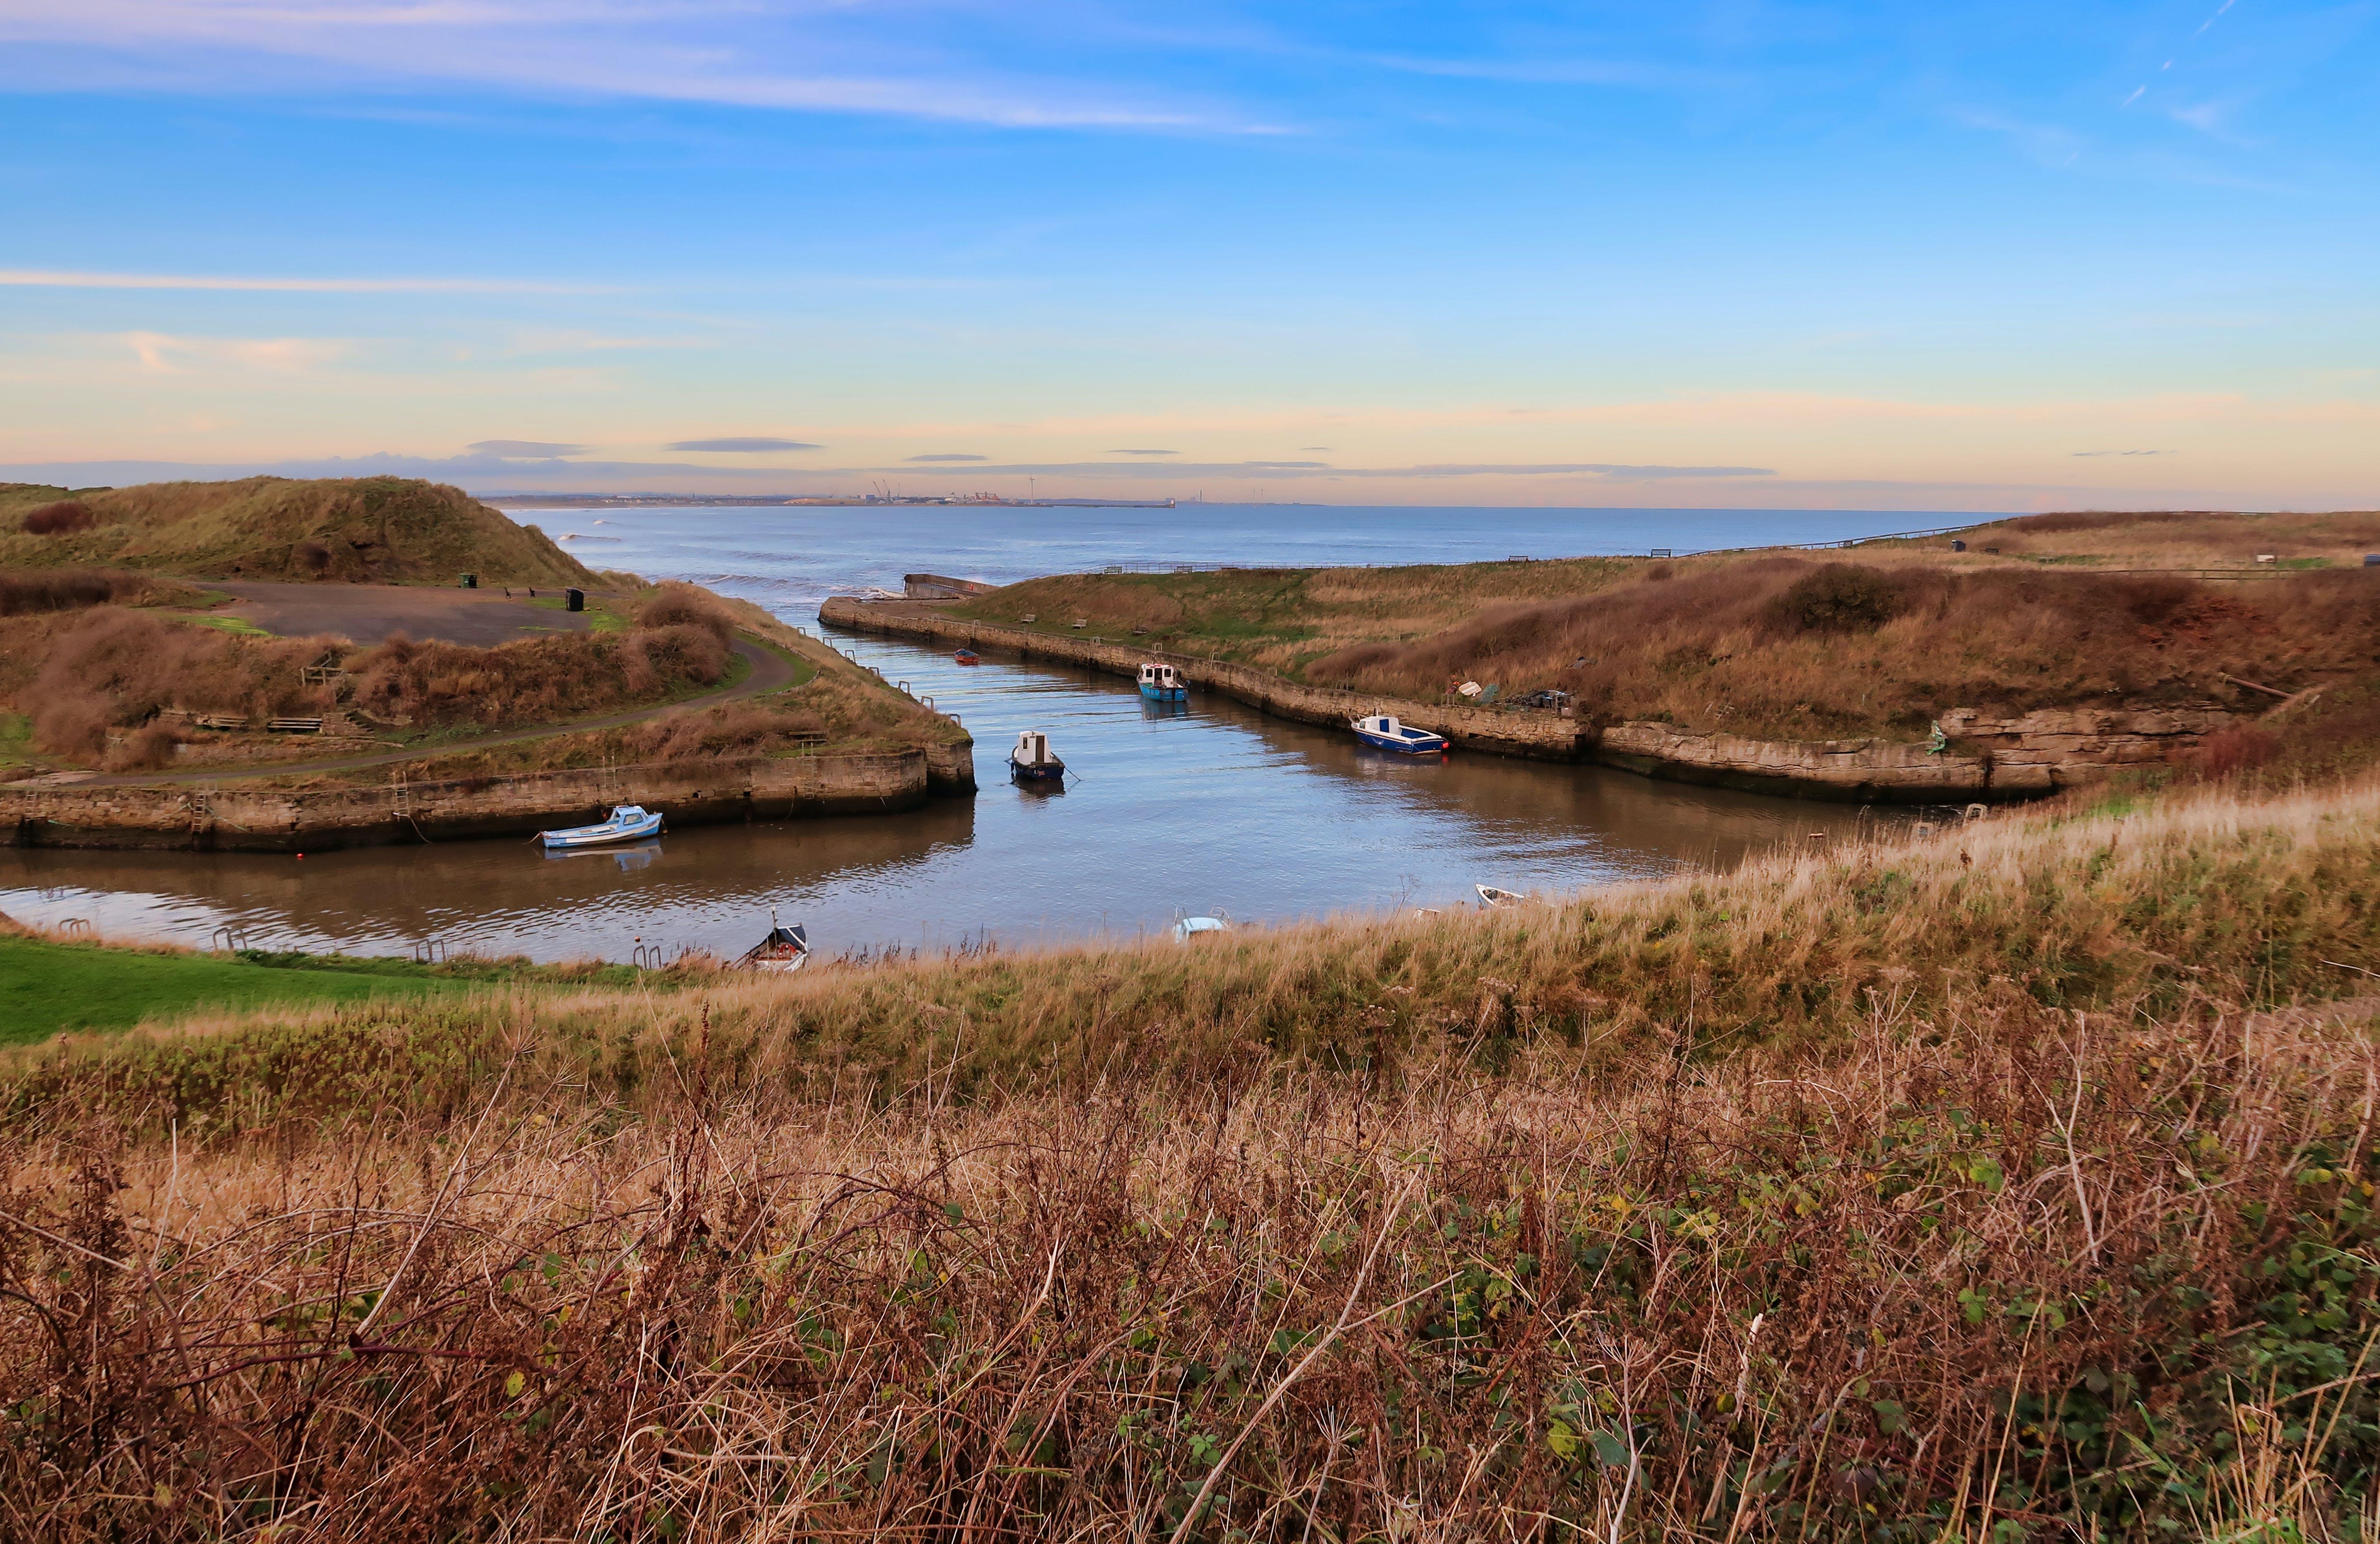 Boats on Ocean Water